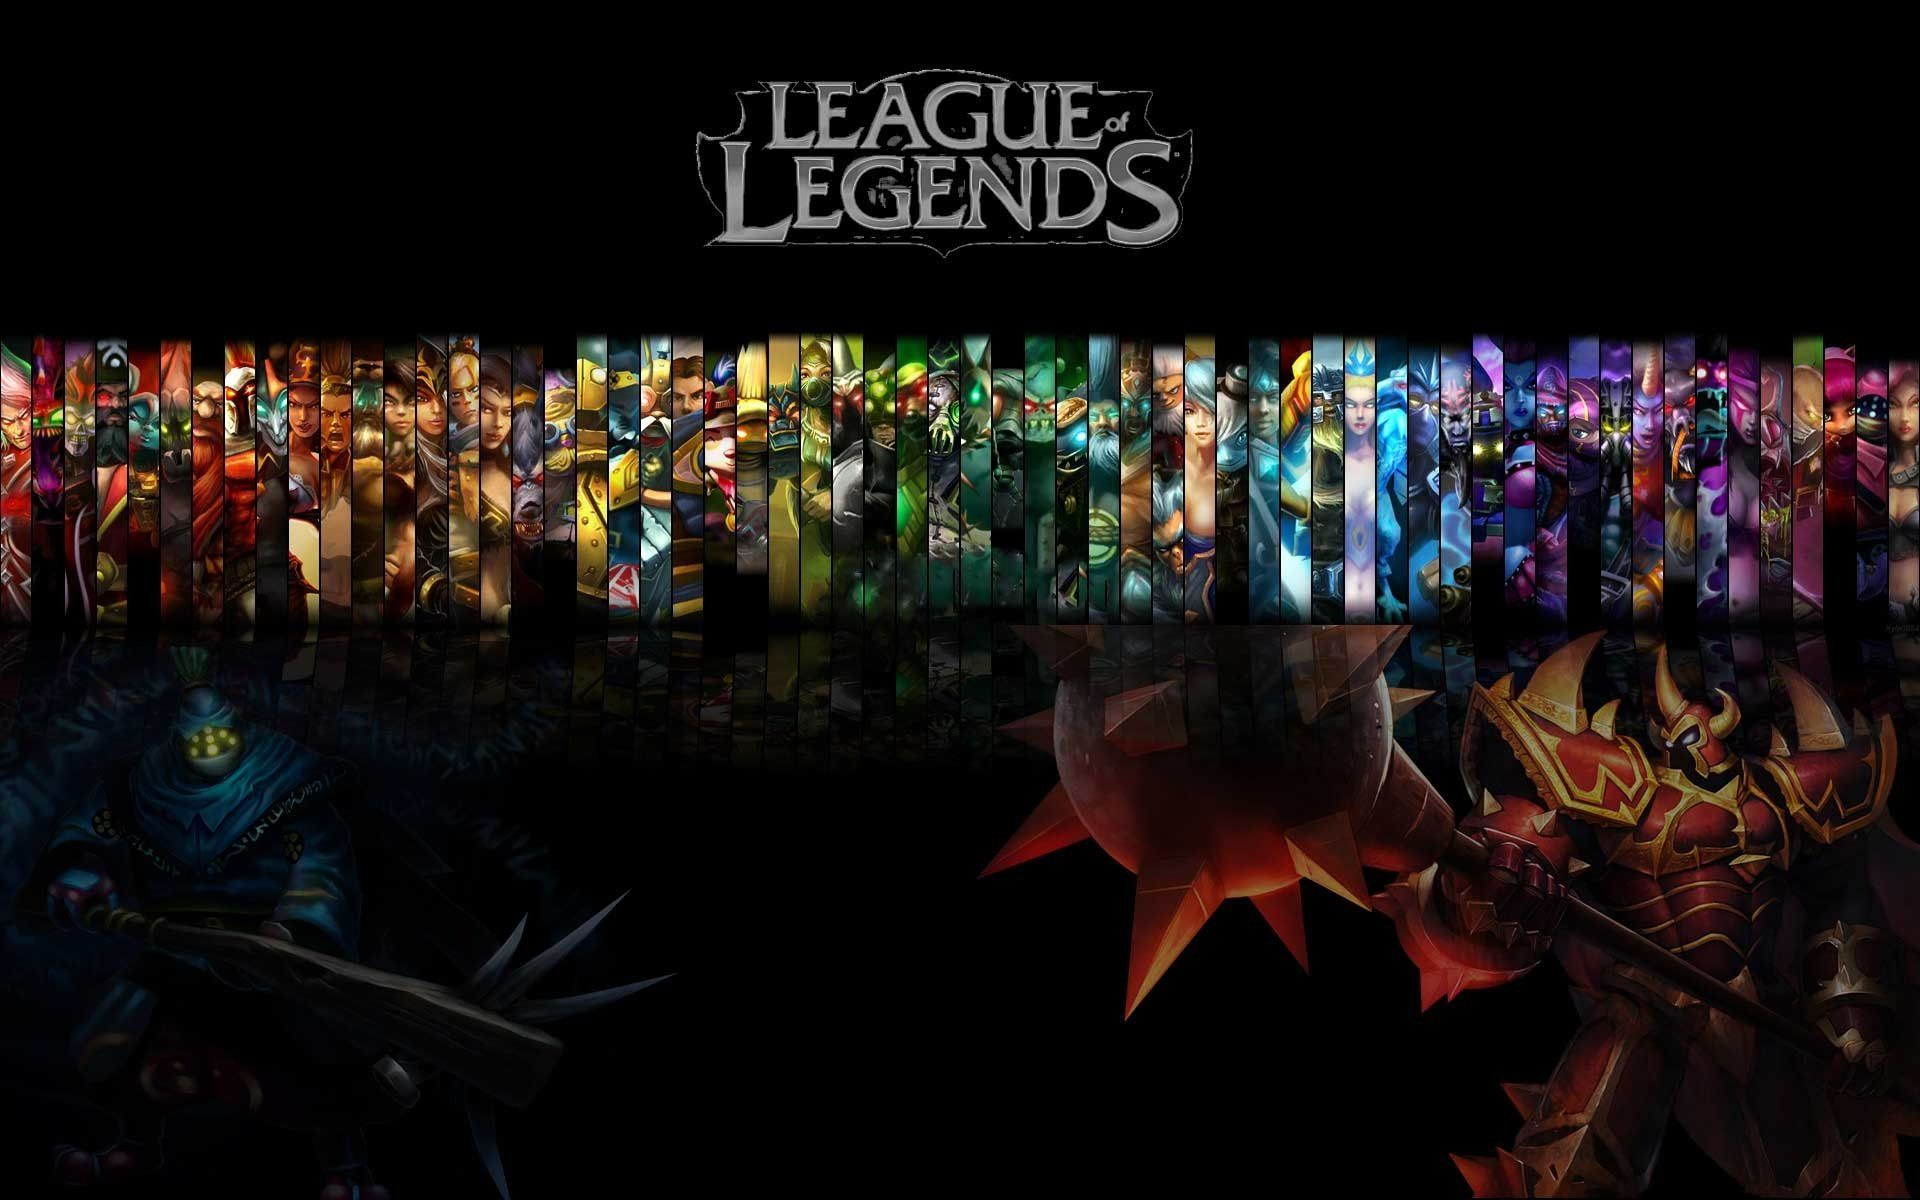 wallpaper zelda wallpapers legend photo dark league static